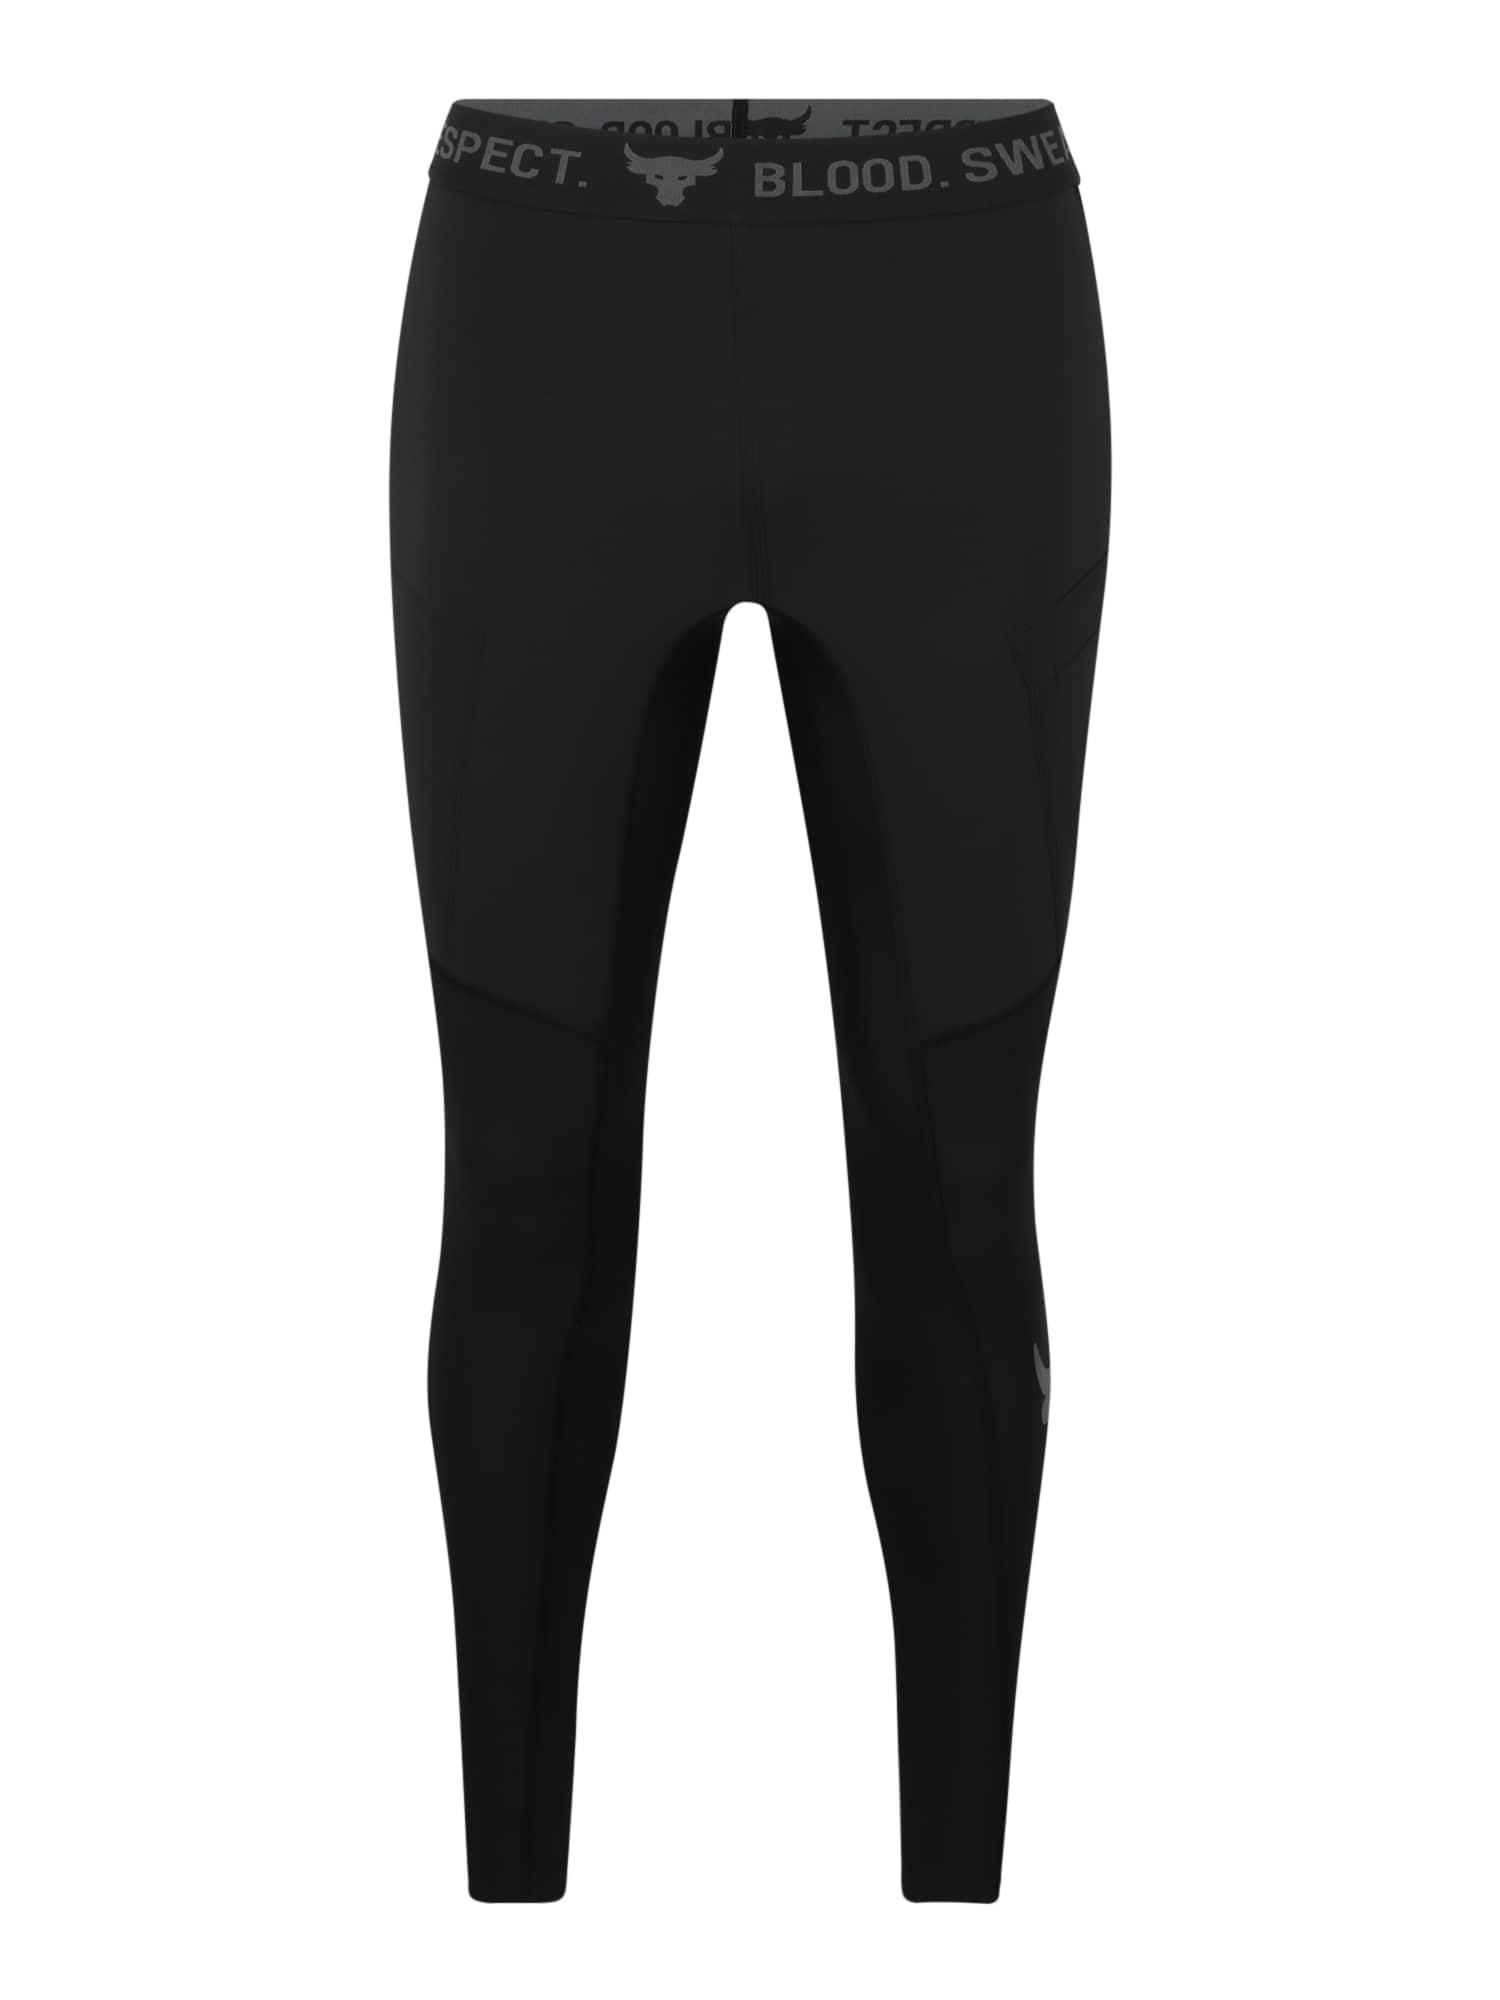 UNDER ARMOUR Sportinės kelnės tamsiai pilka / juoda